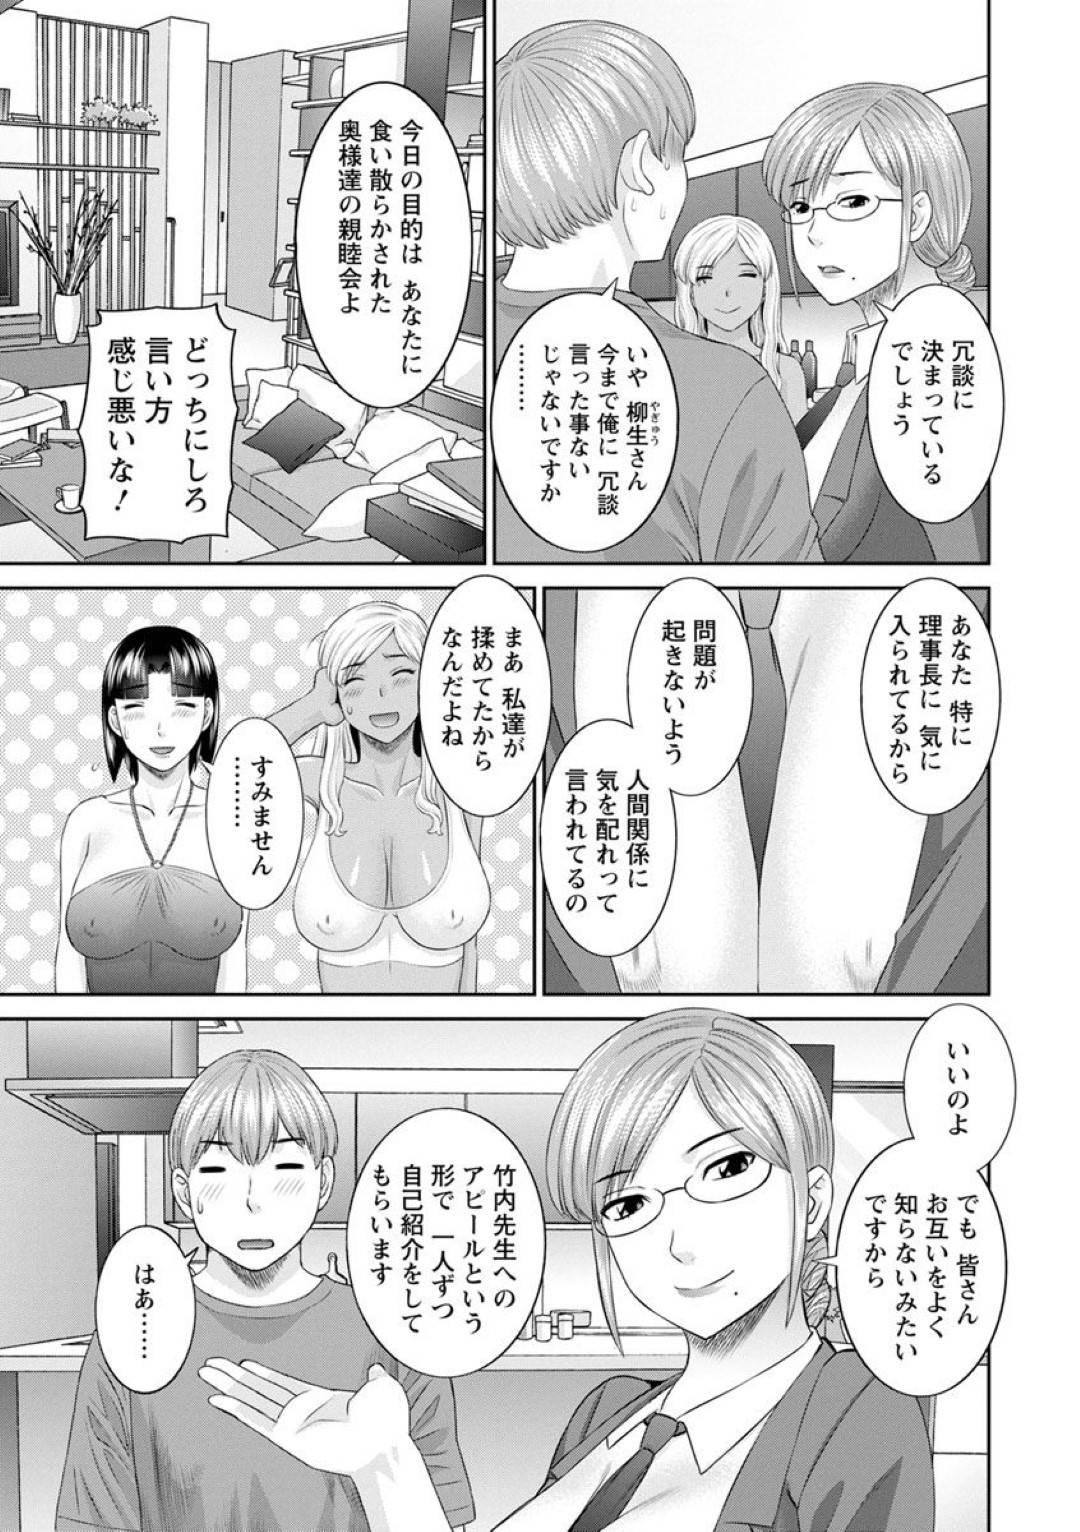 【エロ漫画】人妻学園の男性教師に詰め寄る人妻たち…全員一度はセックスしたことがあるため誰がふさわしいのかをハッキリさせるために自己アピールを順にしていく!【かわもりみさき】